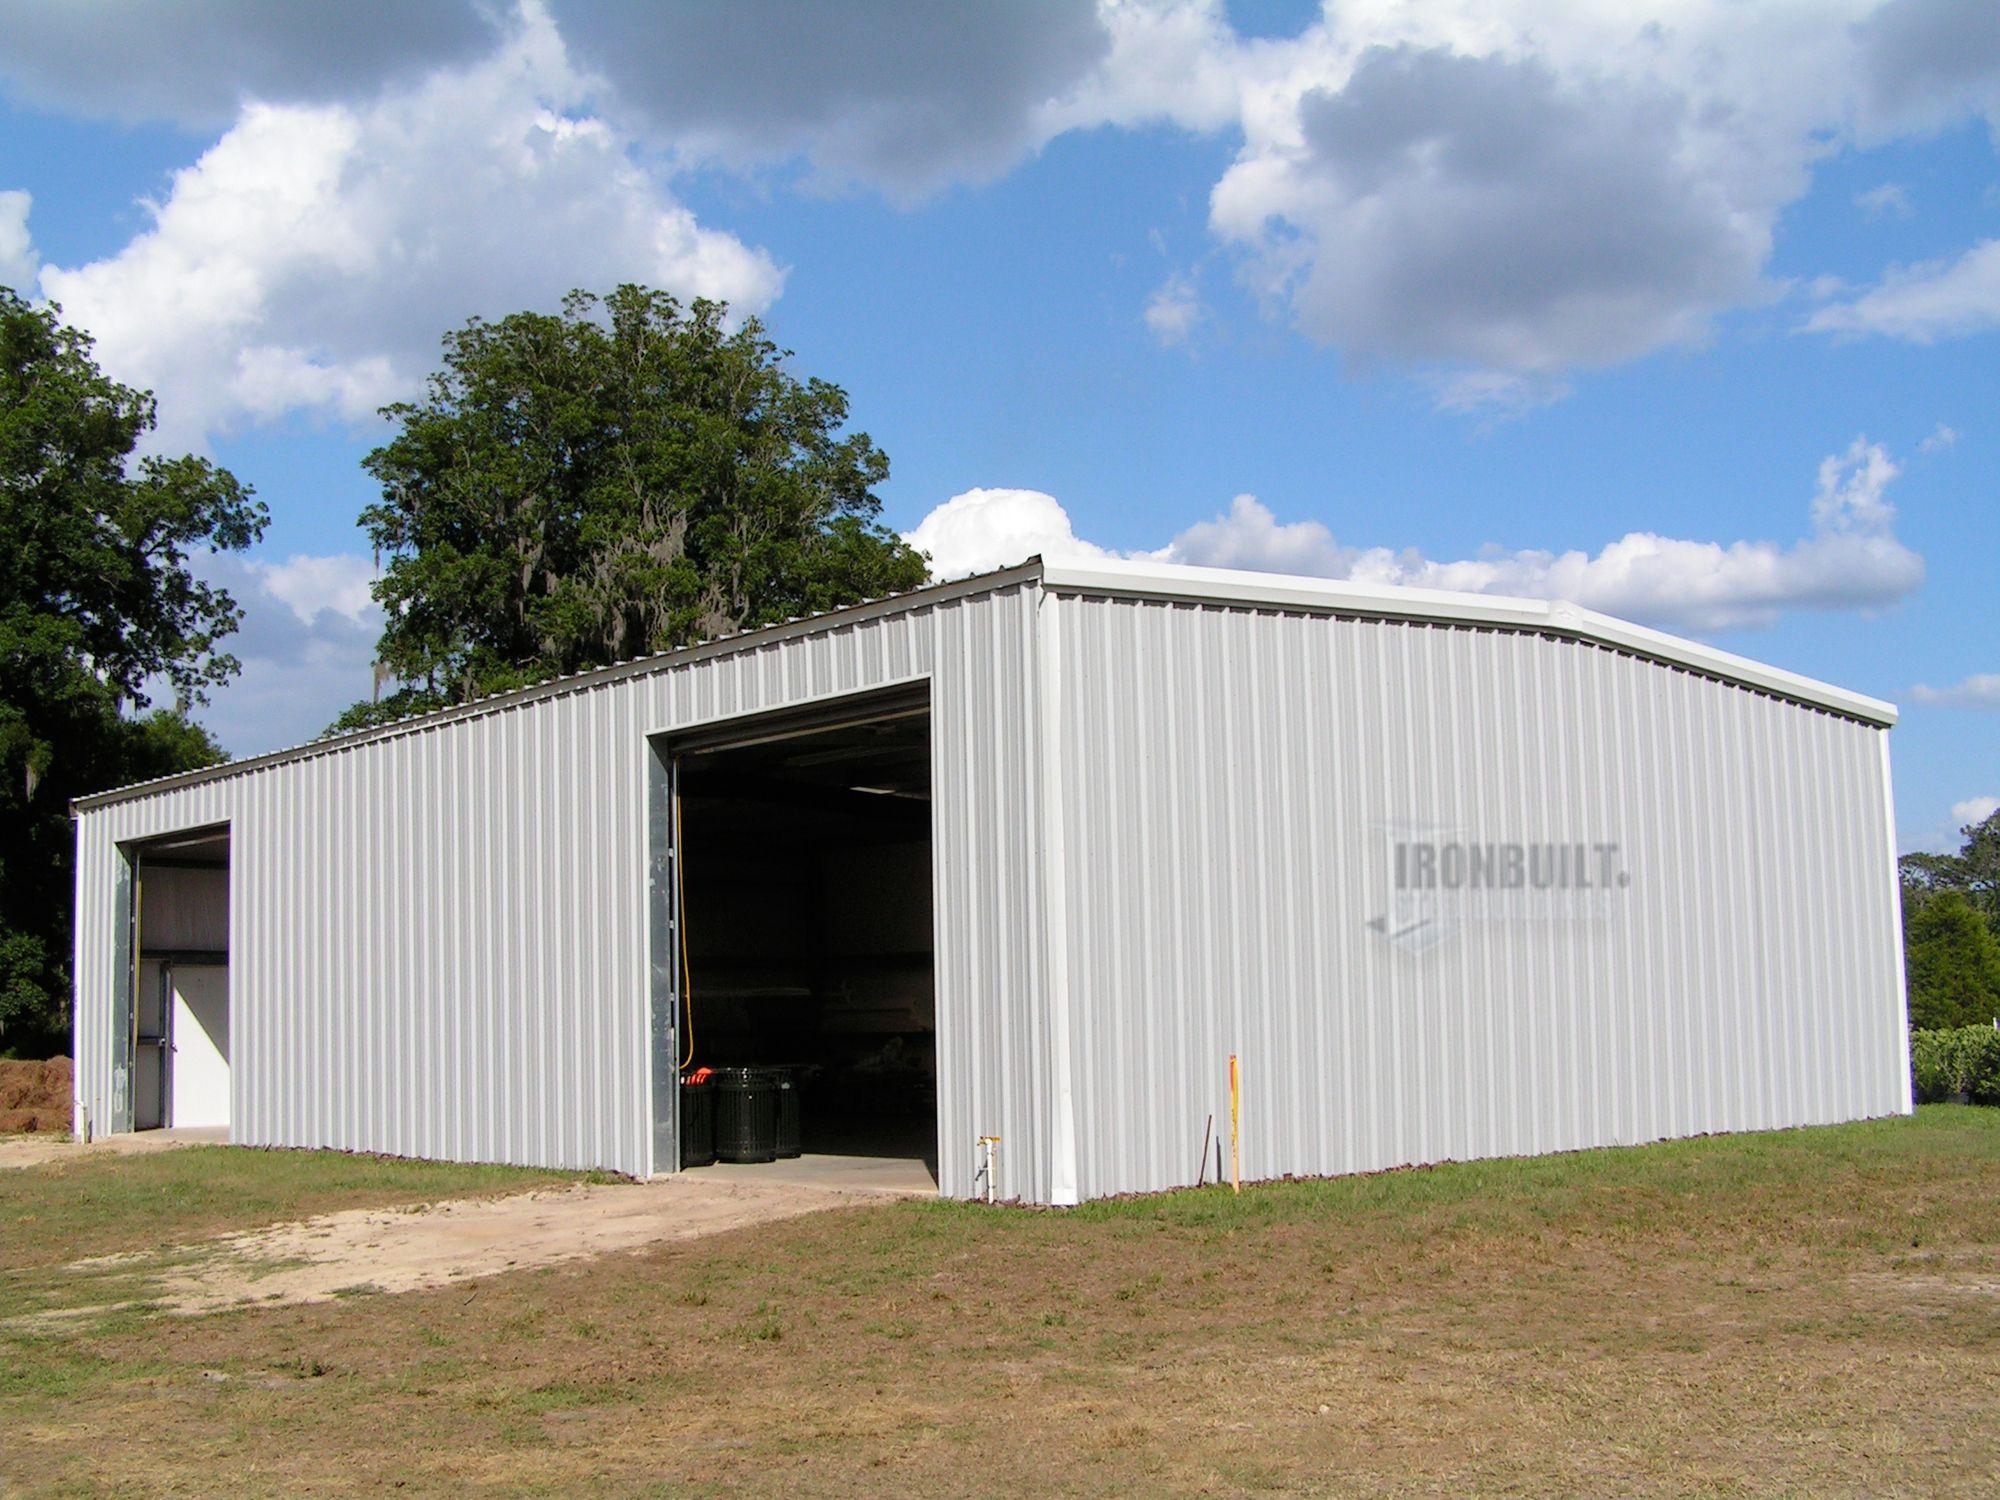 Prefab steel building kit in gray Steel buildings, Metal